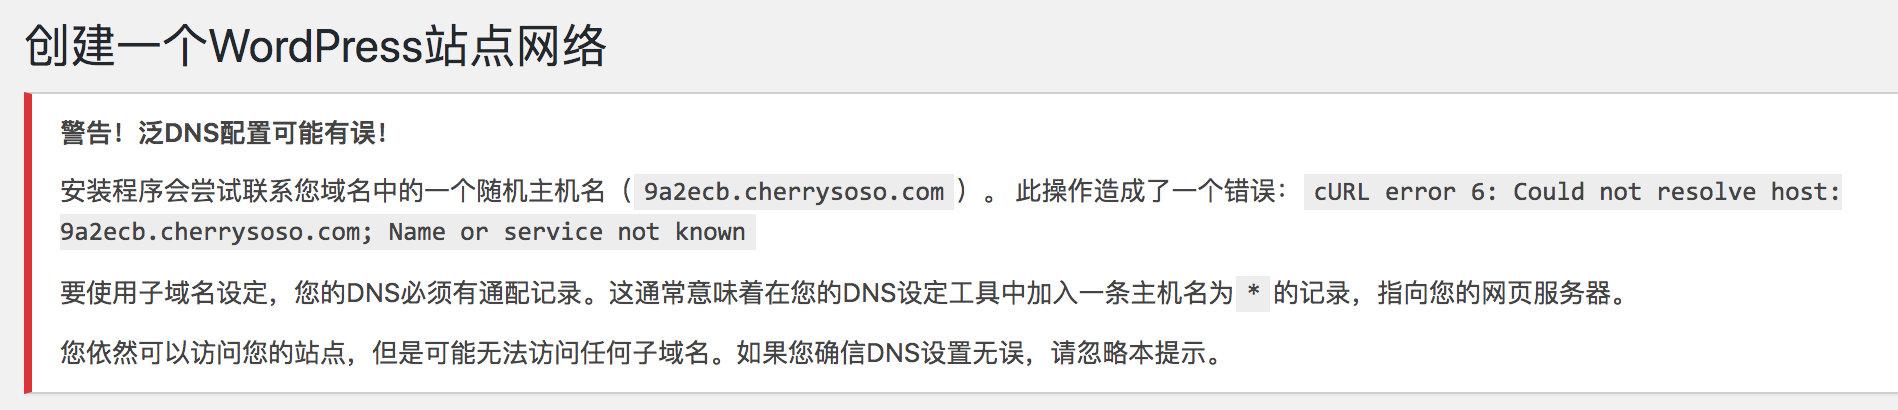 泛DNS配置有误